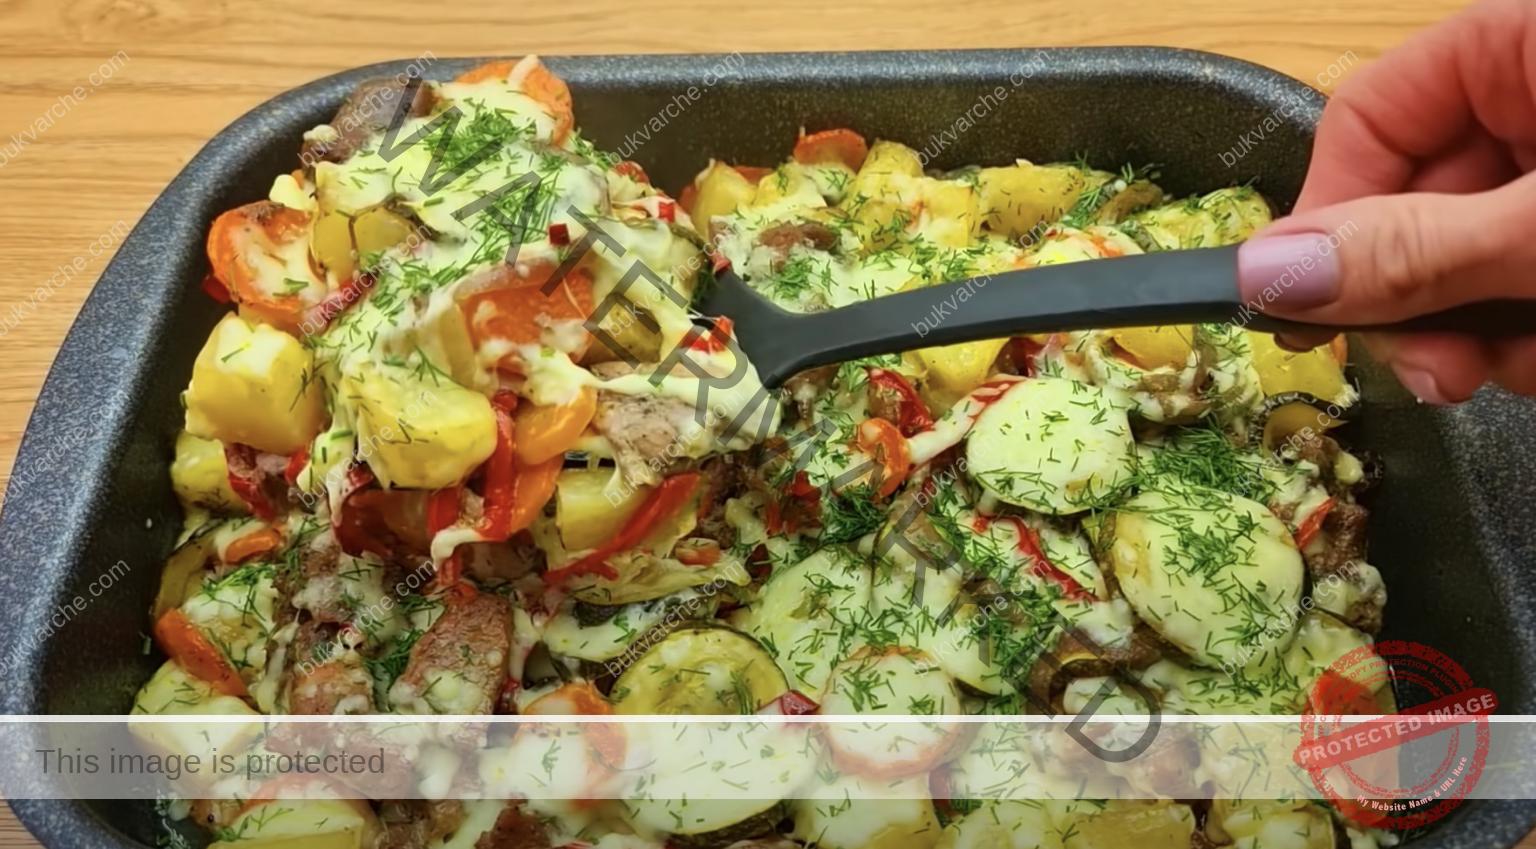 Месо и зеленчуци на фурна - засищащ и вкусен обяд